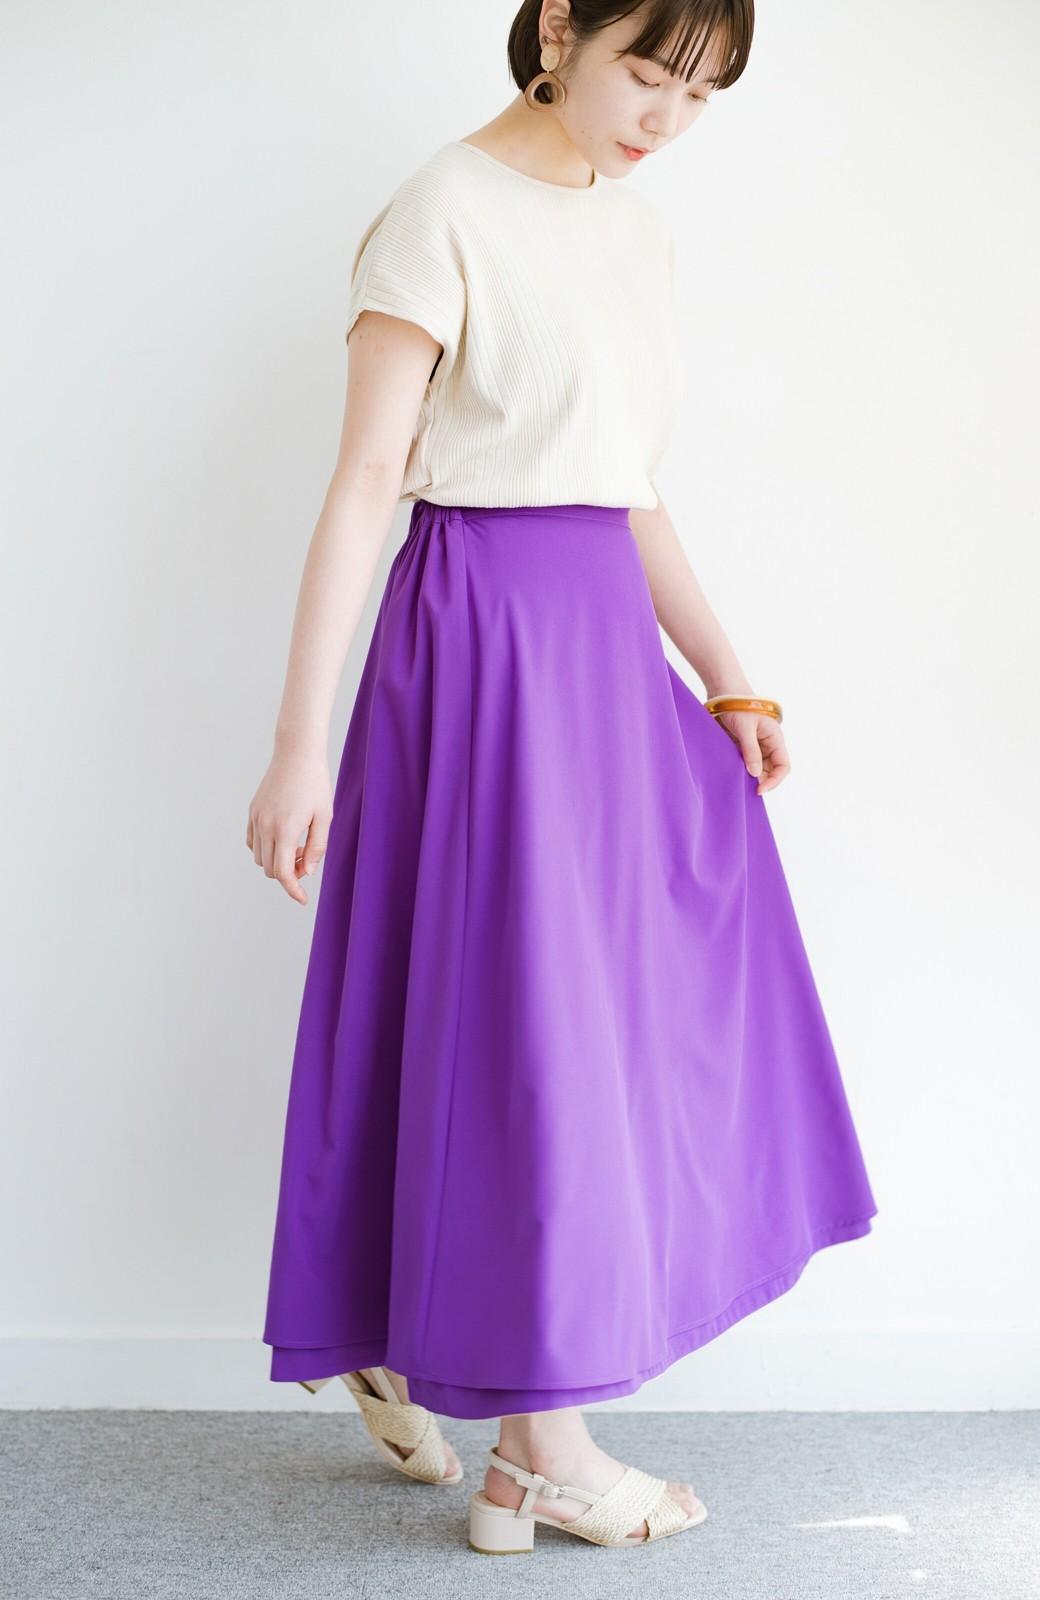 haco! オフィスにもデートにも! 便利なのはきれいに見えて楽ちんなリバーシブルスカート <ピンク系その他>の商品写真3